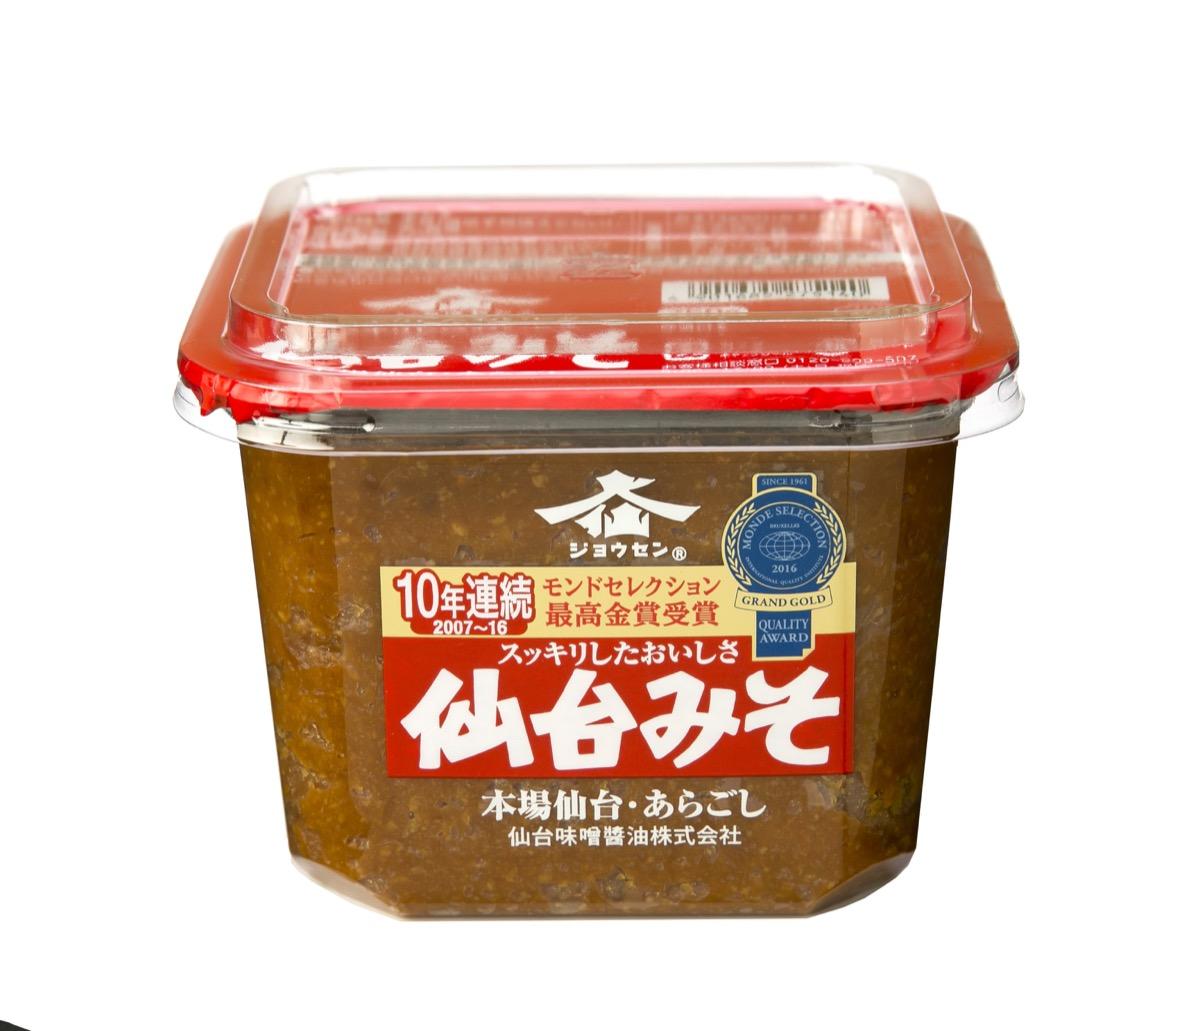 お土産・逸品:仙台味噌醤油株式会社